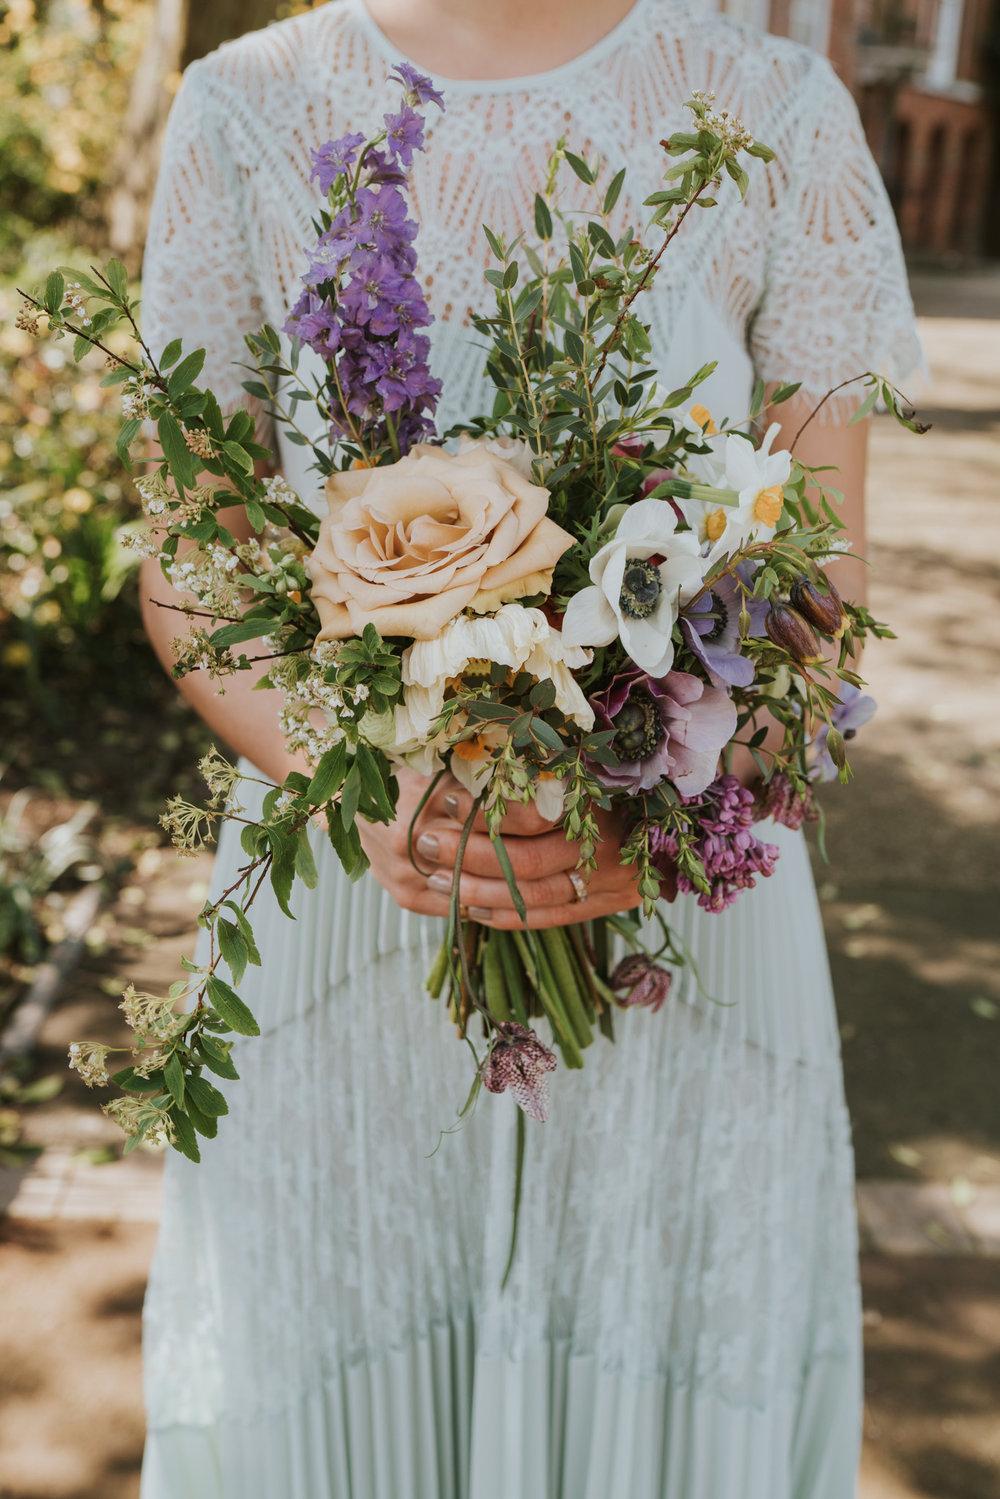 Will-Rhiannon-Art-Deco-Alterative-Essex-Wedding-Suffolk-Grace-Elizabeth-56.jpg